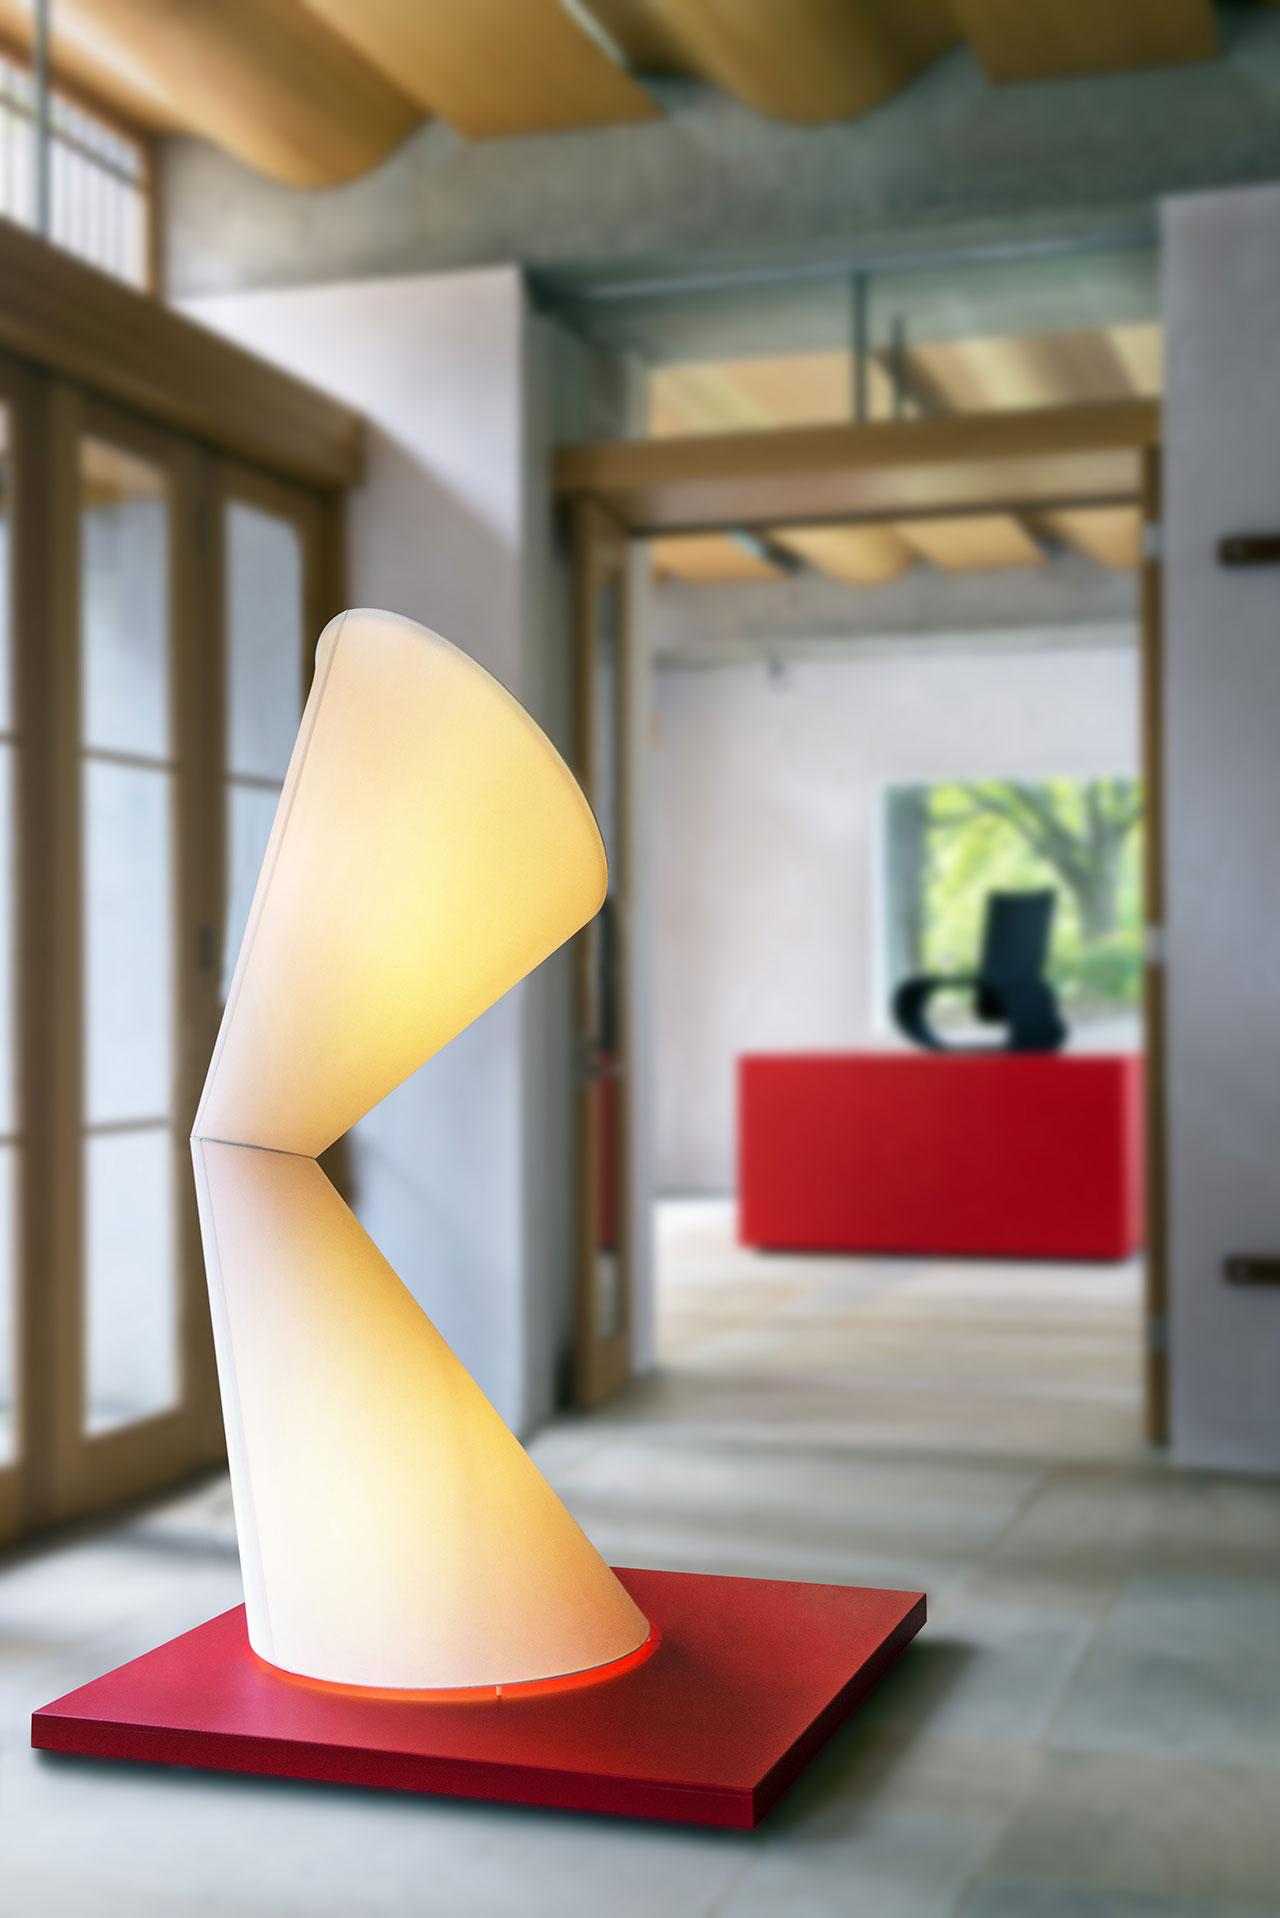 La La Lamp Helen Kontouris Design